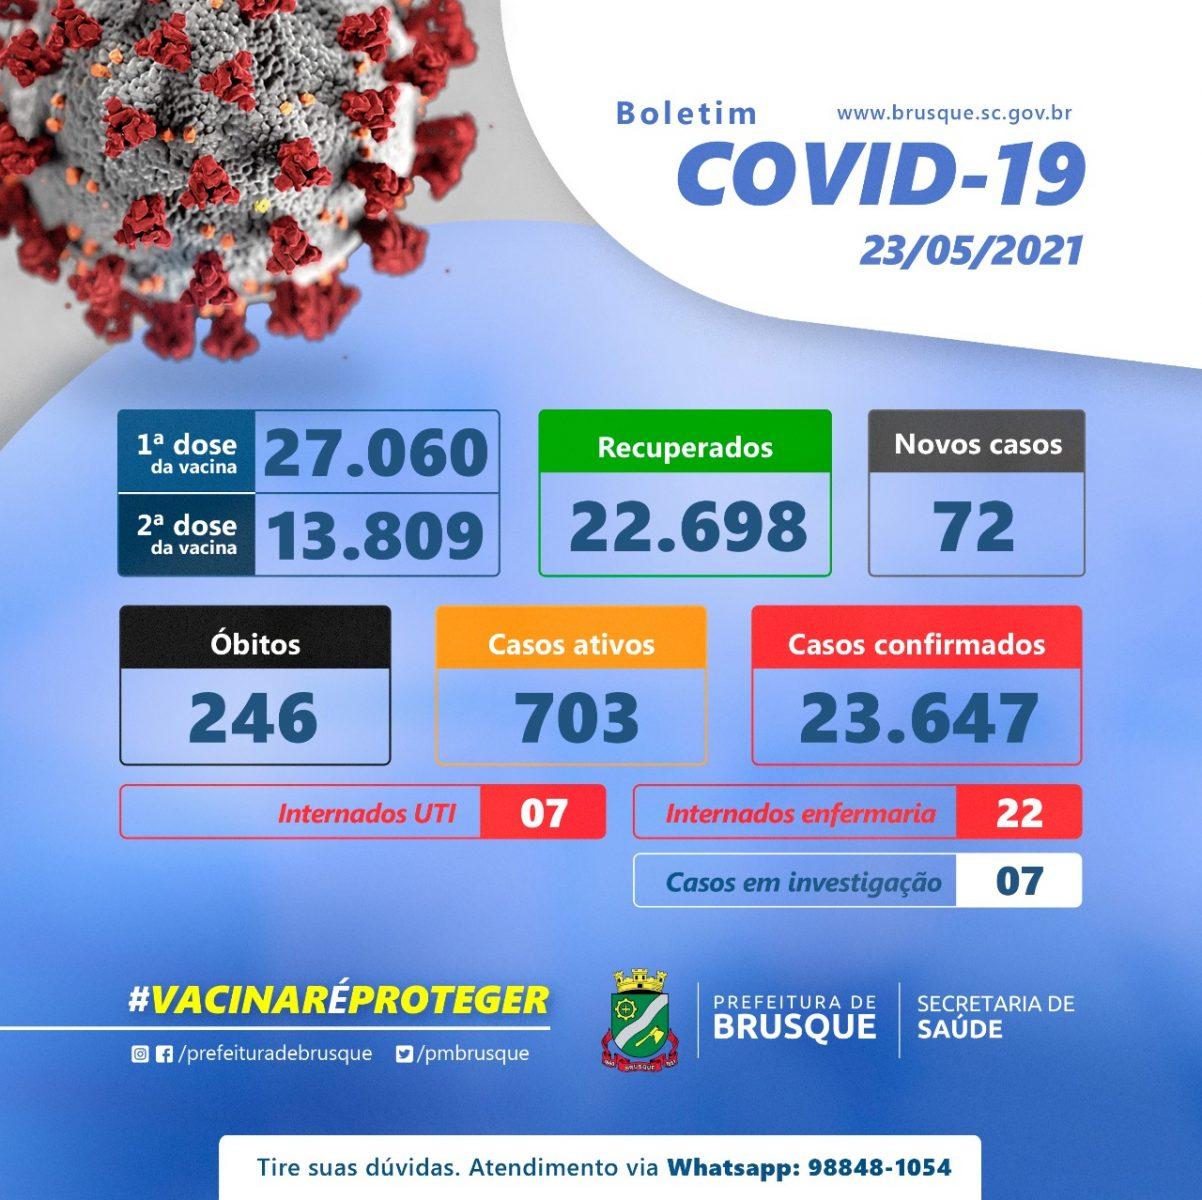 Covid-19: Confira o boletim epidemiológico deste domingo (23)